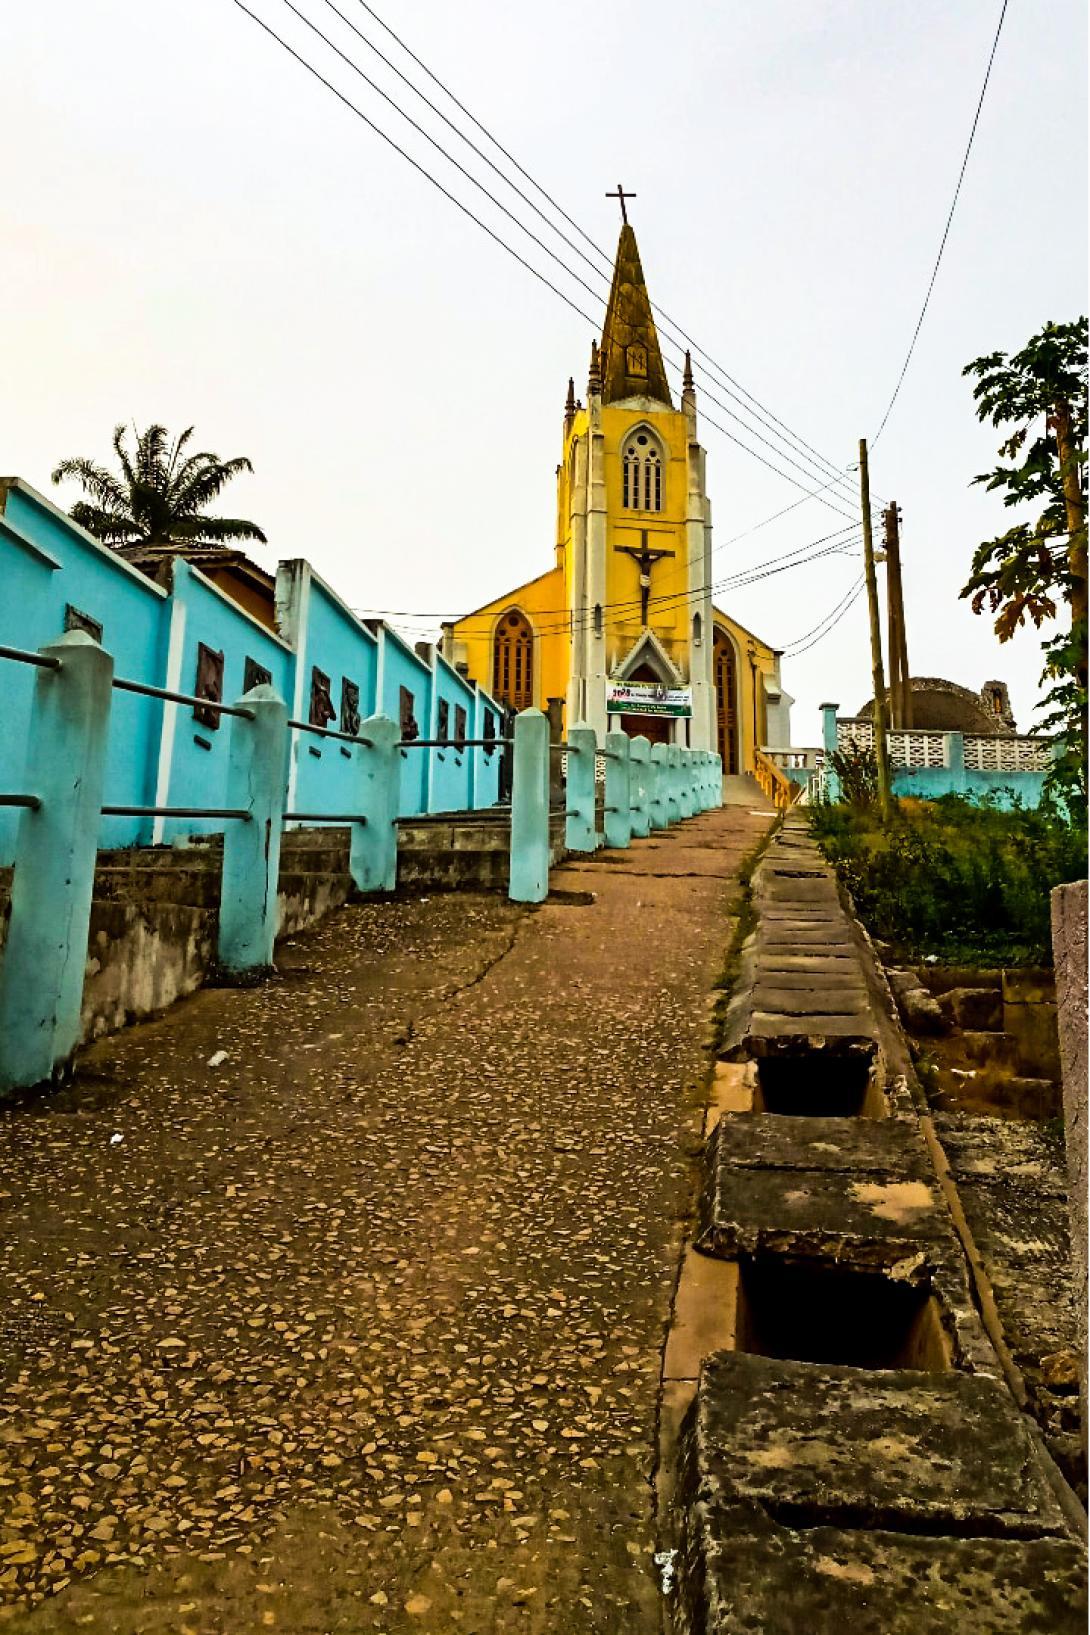 Church on a hill in Cape Coast, Ghana